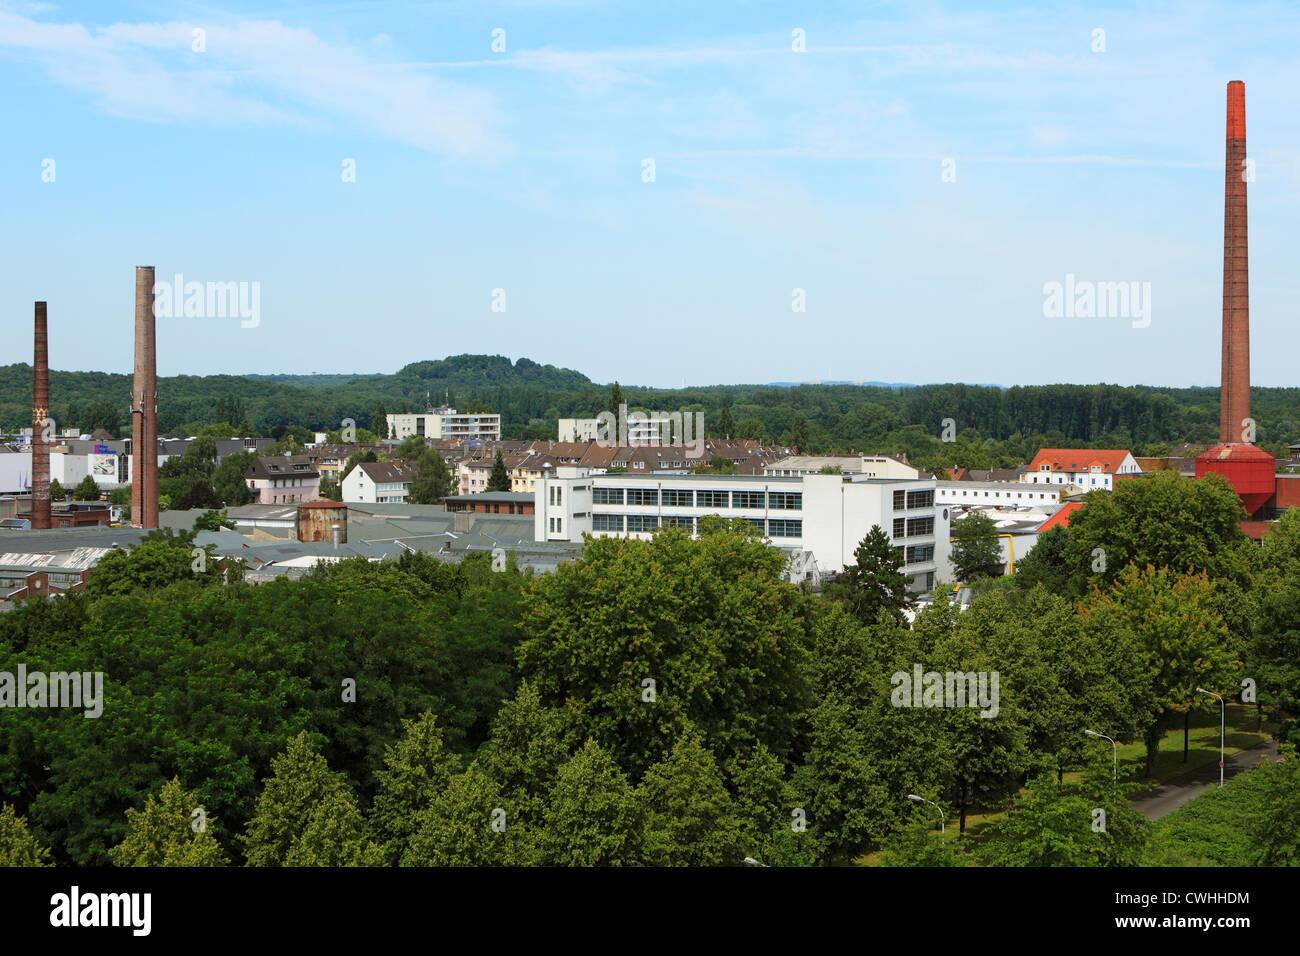 Landschaftspanorama, Fabrikgebaeude, Schornsteine, Inrather Berg, Krefeld, Niederrhein, Nordrhein-Westfalen - Stock Image